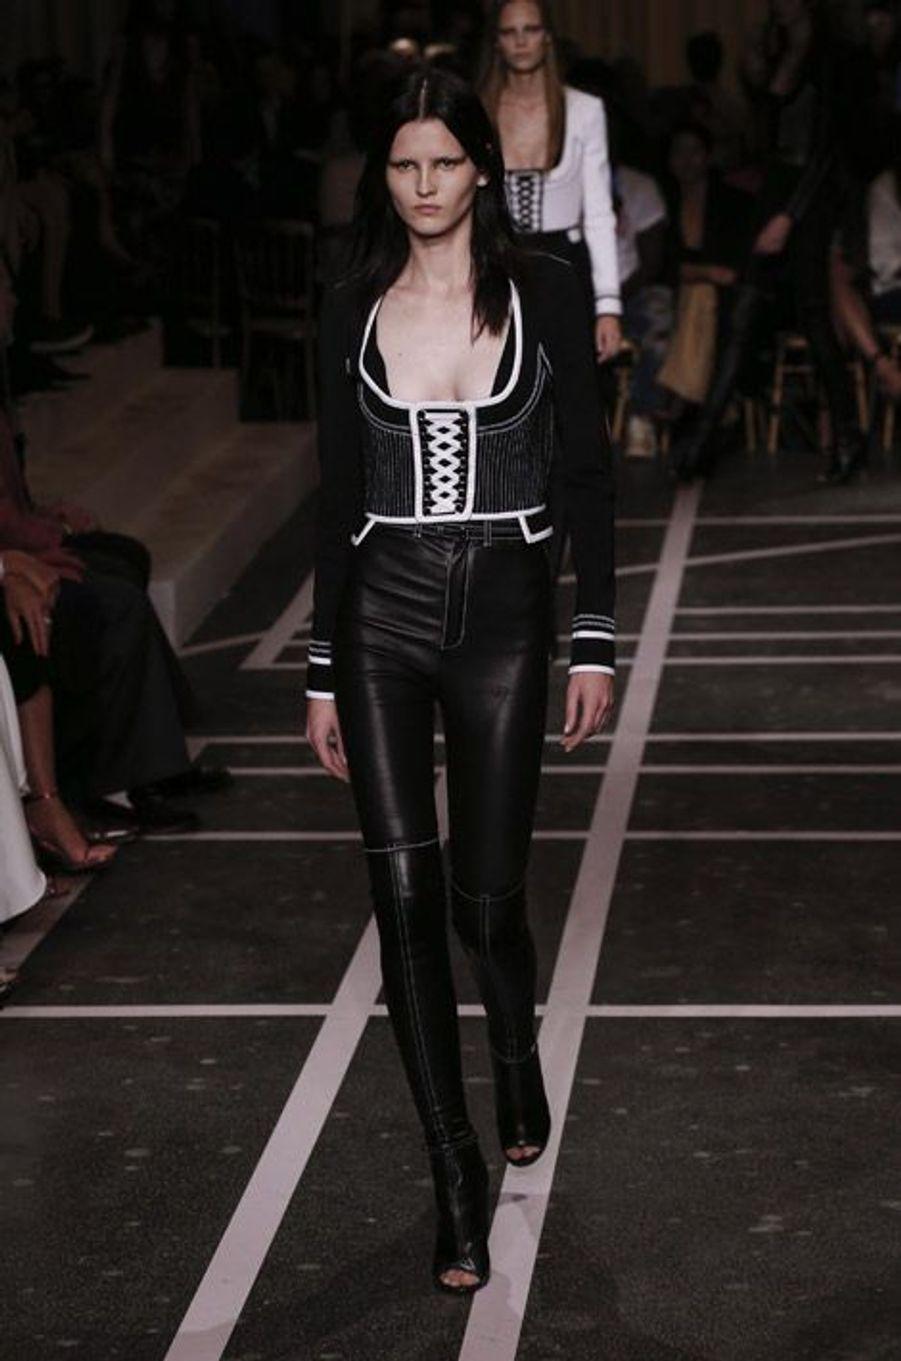 Défilé Givenchy printemps-été 2015 à Paris, le 28 septembre 2014